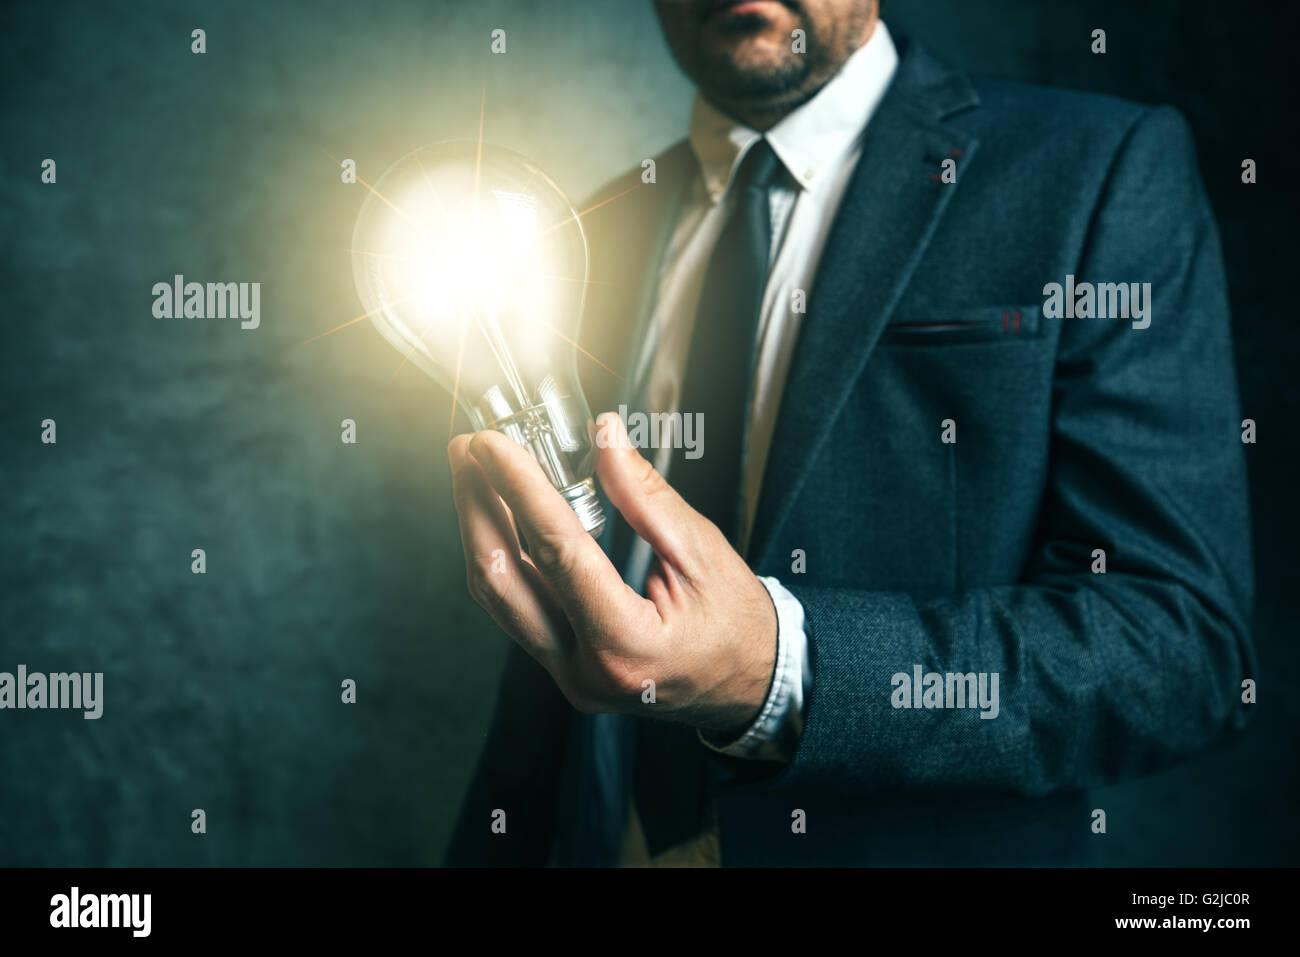 La creatività imprenditoriale e il concetto di visione con elegante imprenditore adulti azienda brillante lampadina Immagini Stock